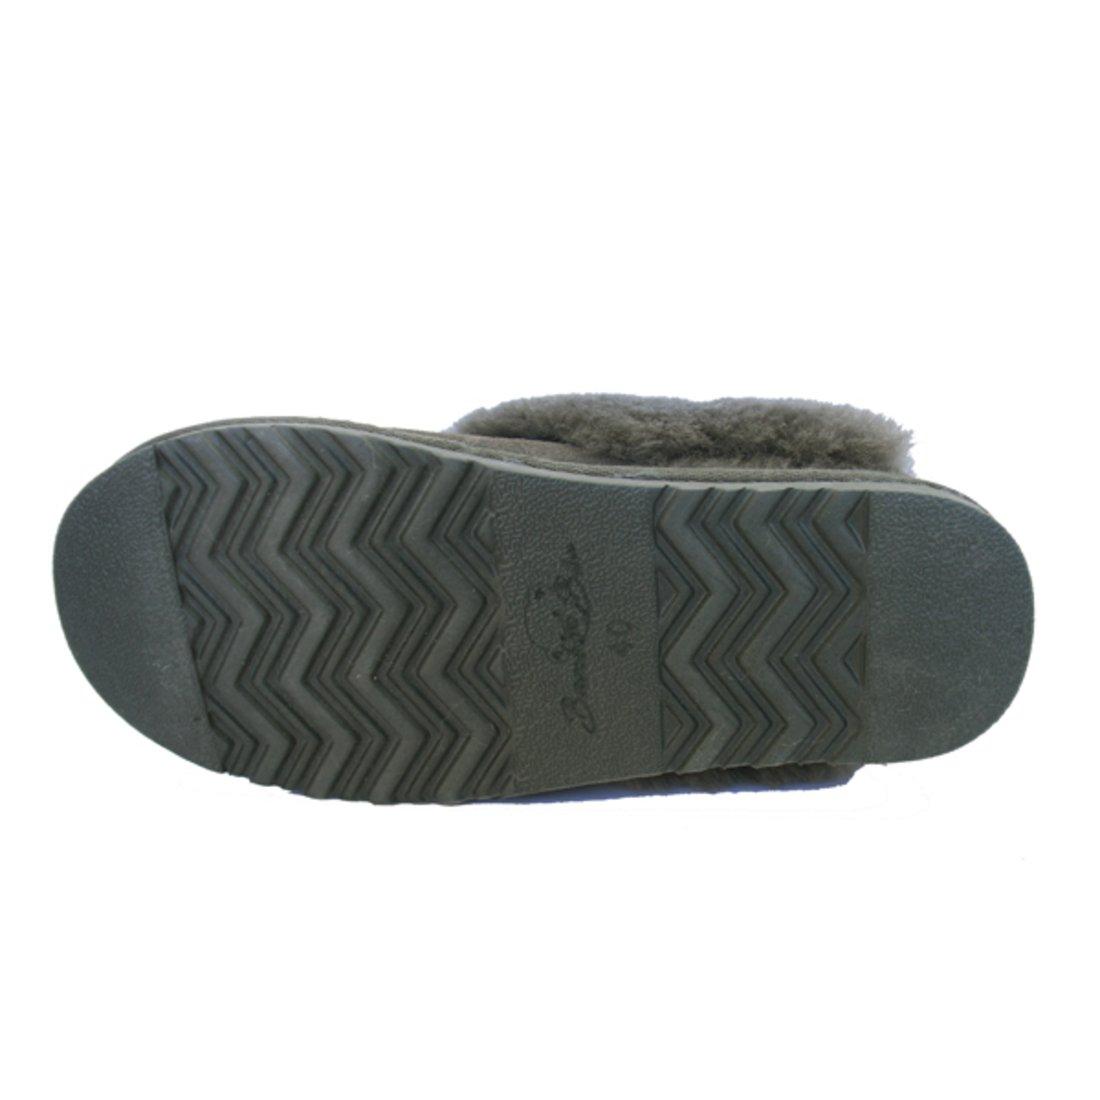 Suchergebnis auf für: tamaris slipper taupe damen